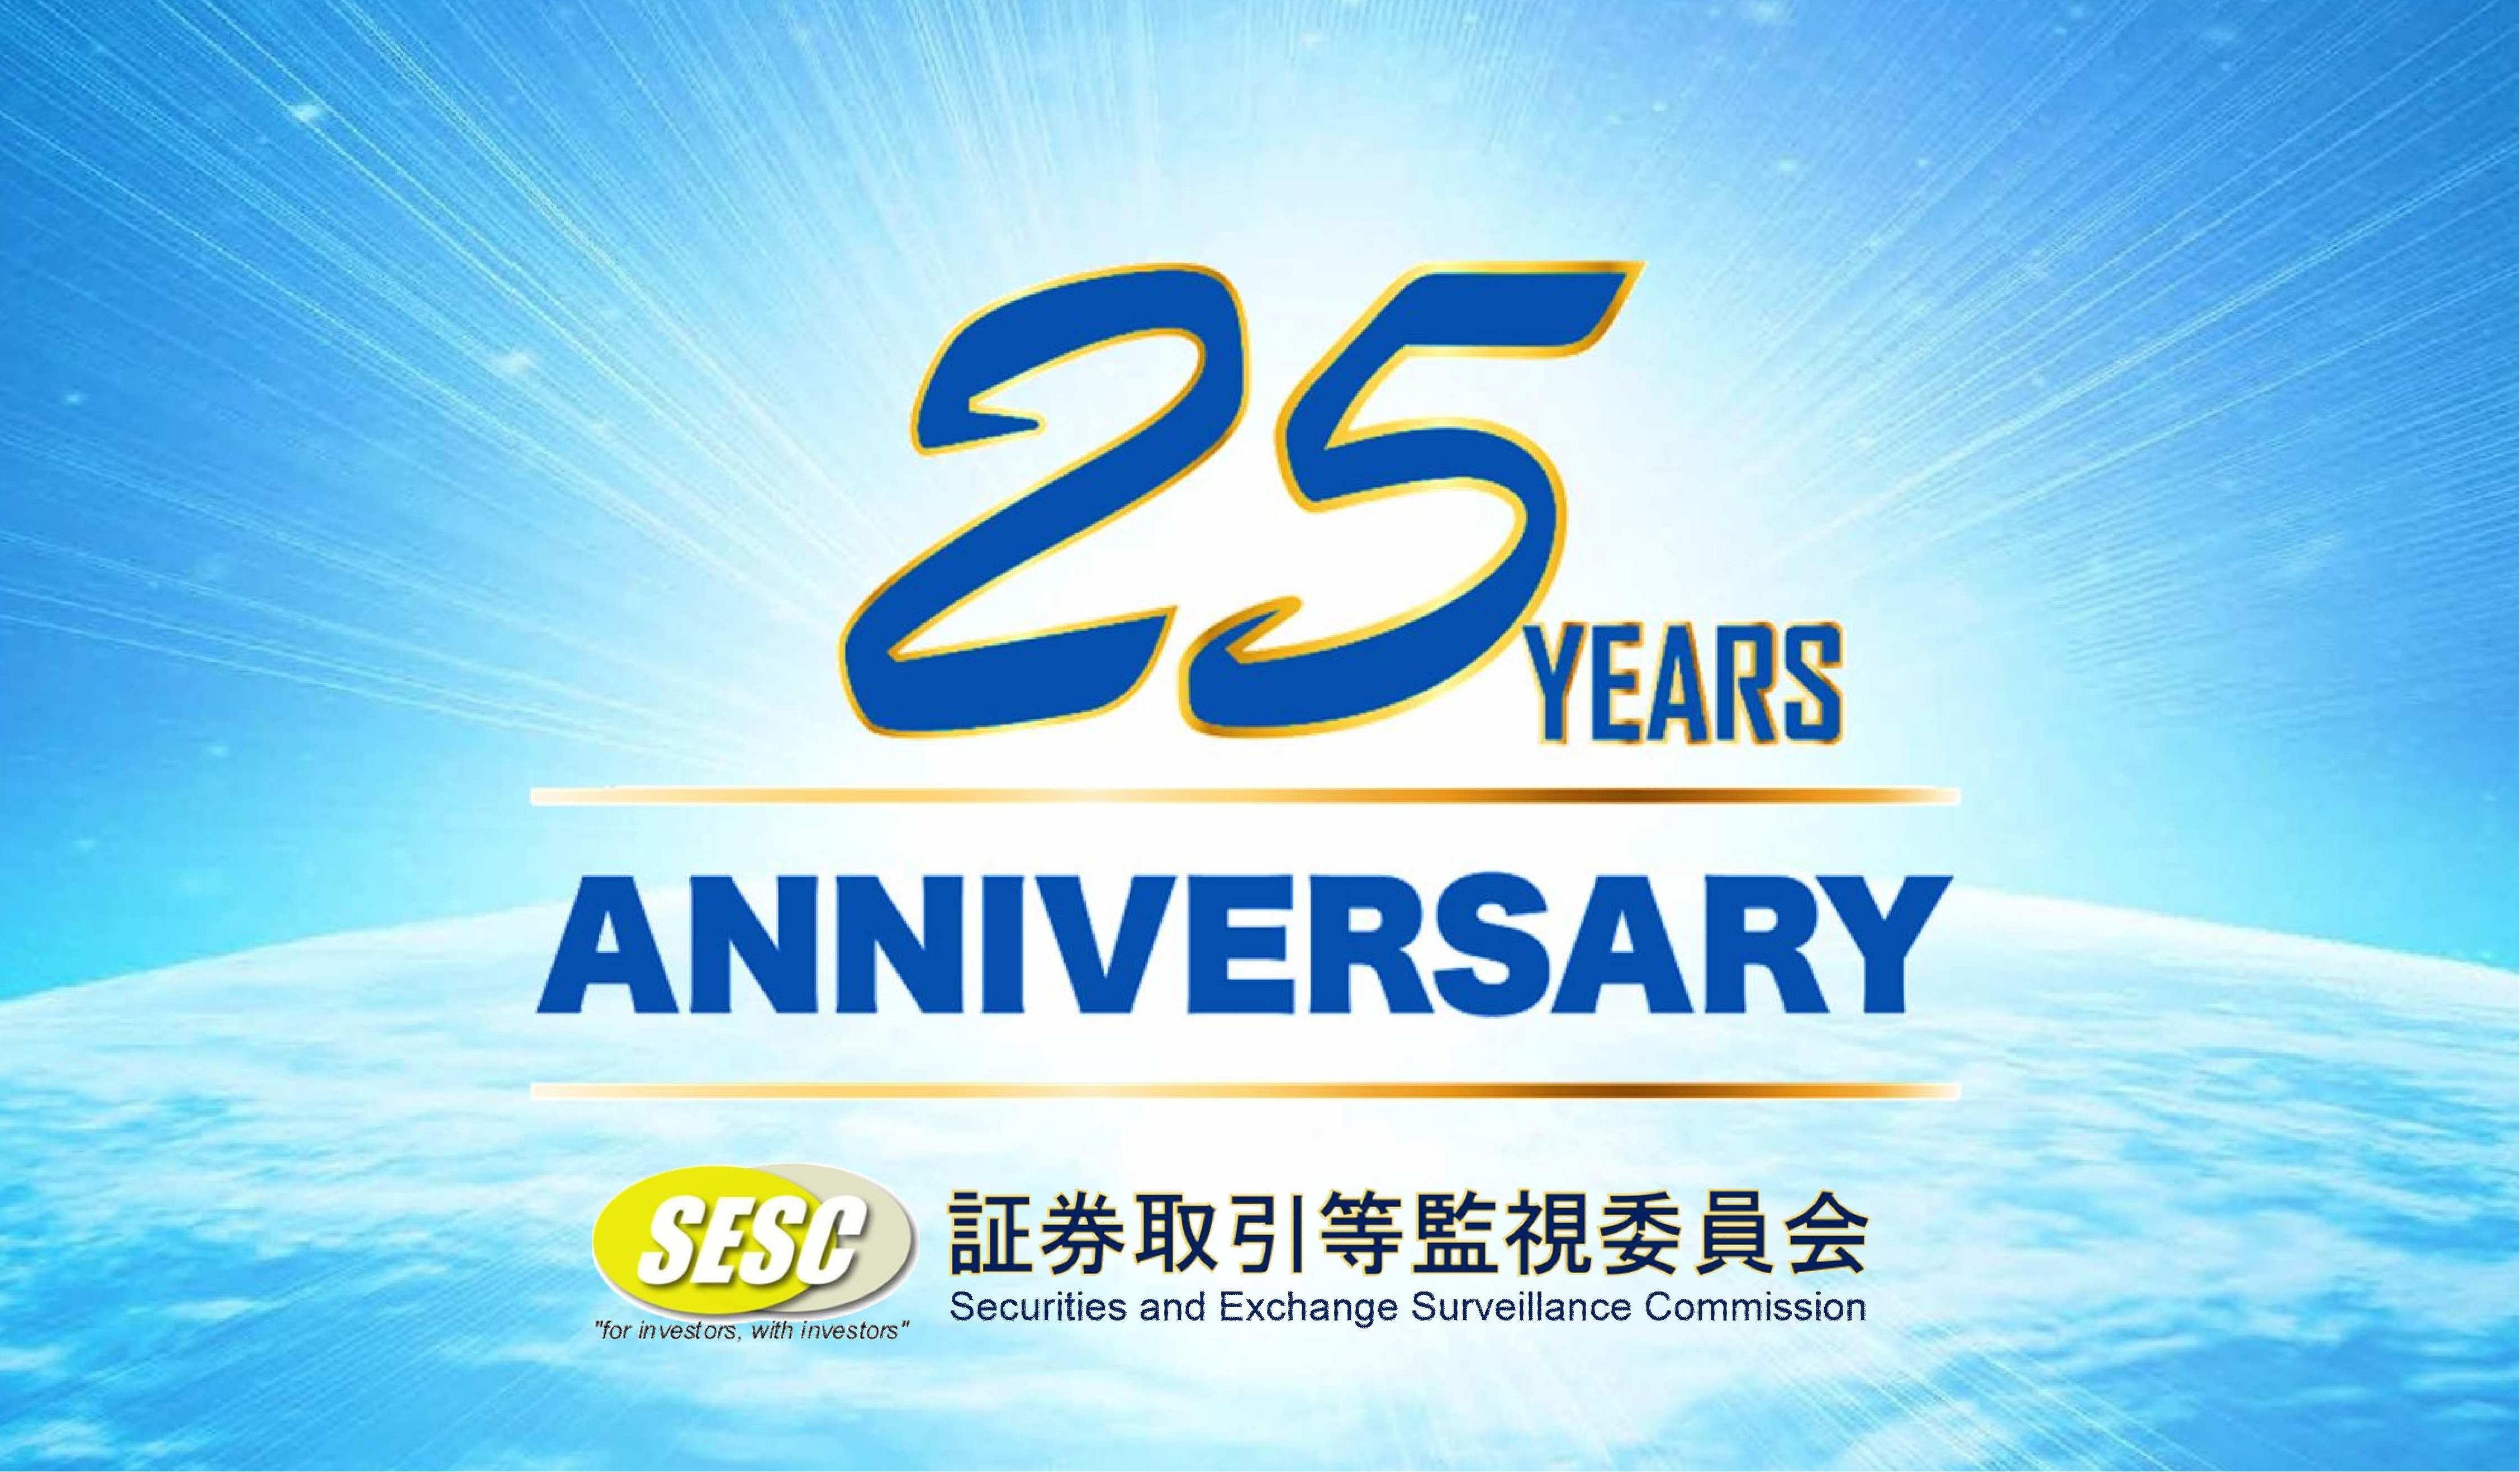 証券取引等監視委員会創立25周年記念国際コンファレンス 証券取引等監視